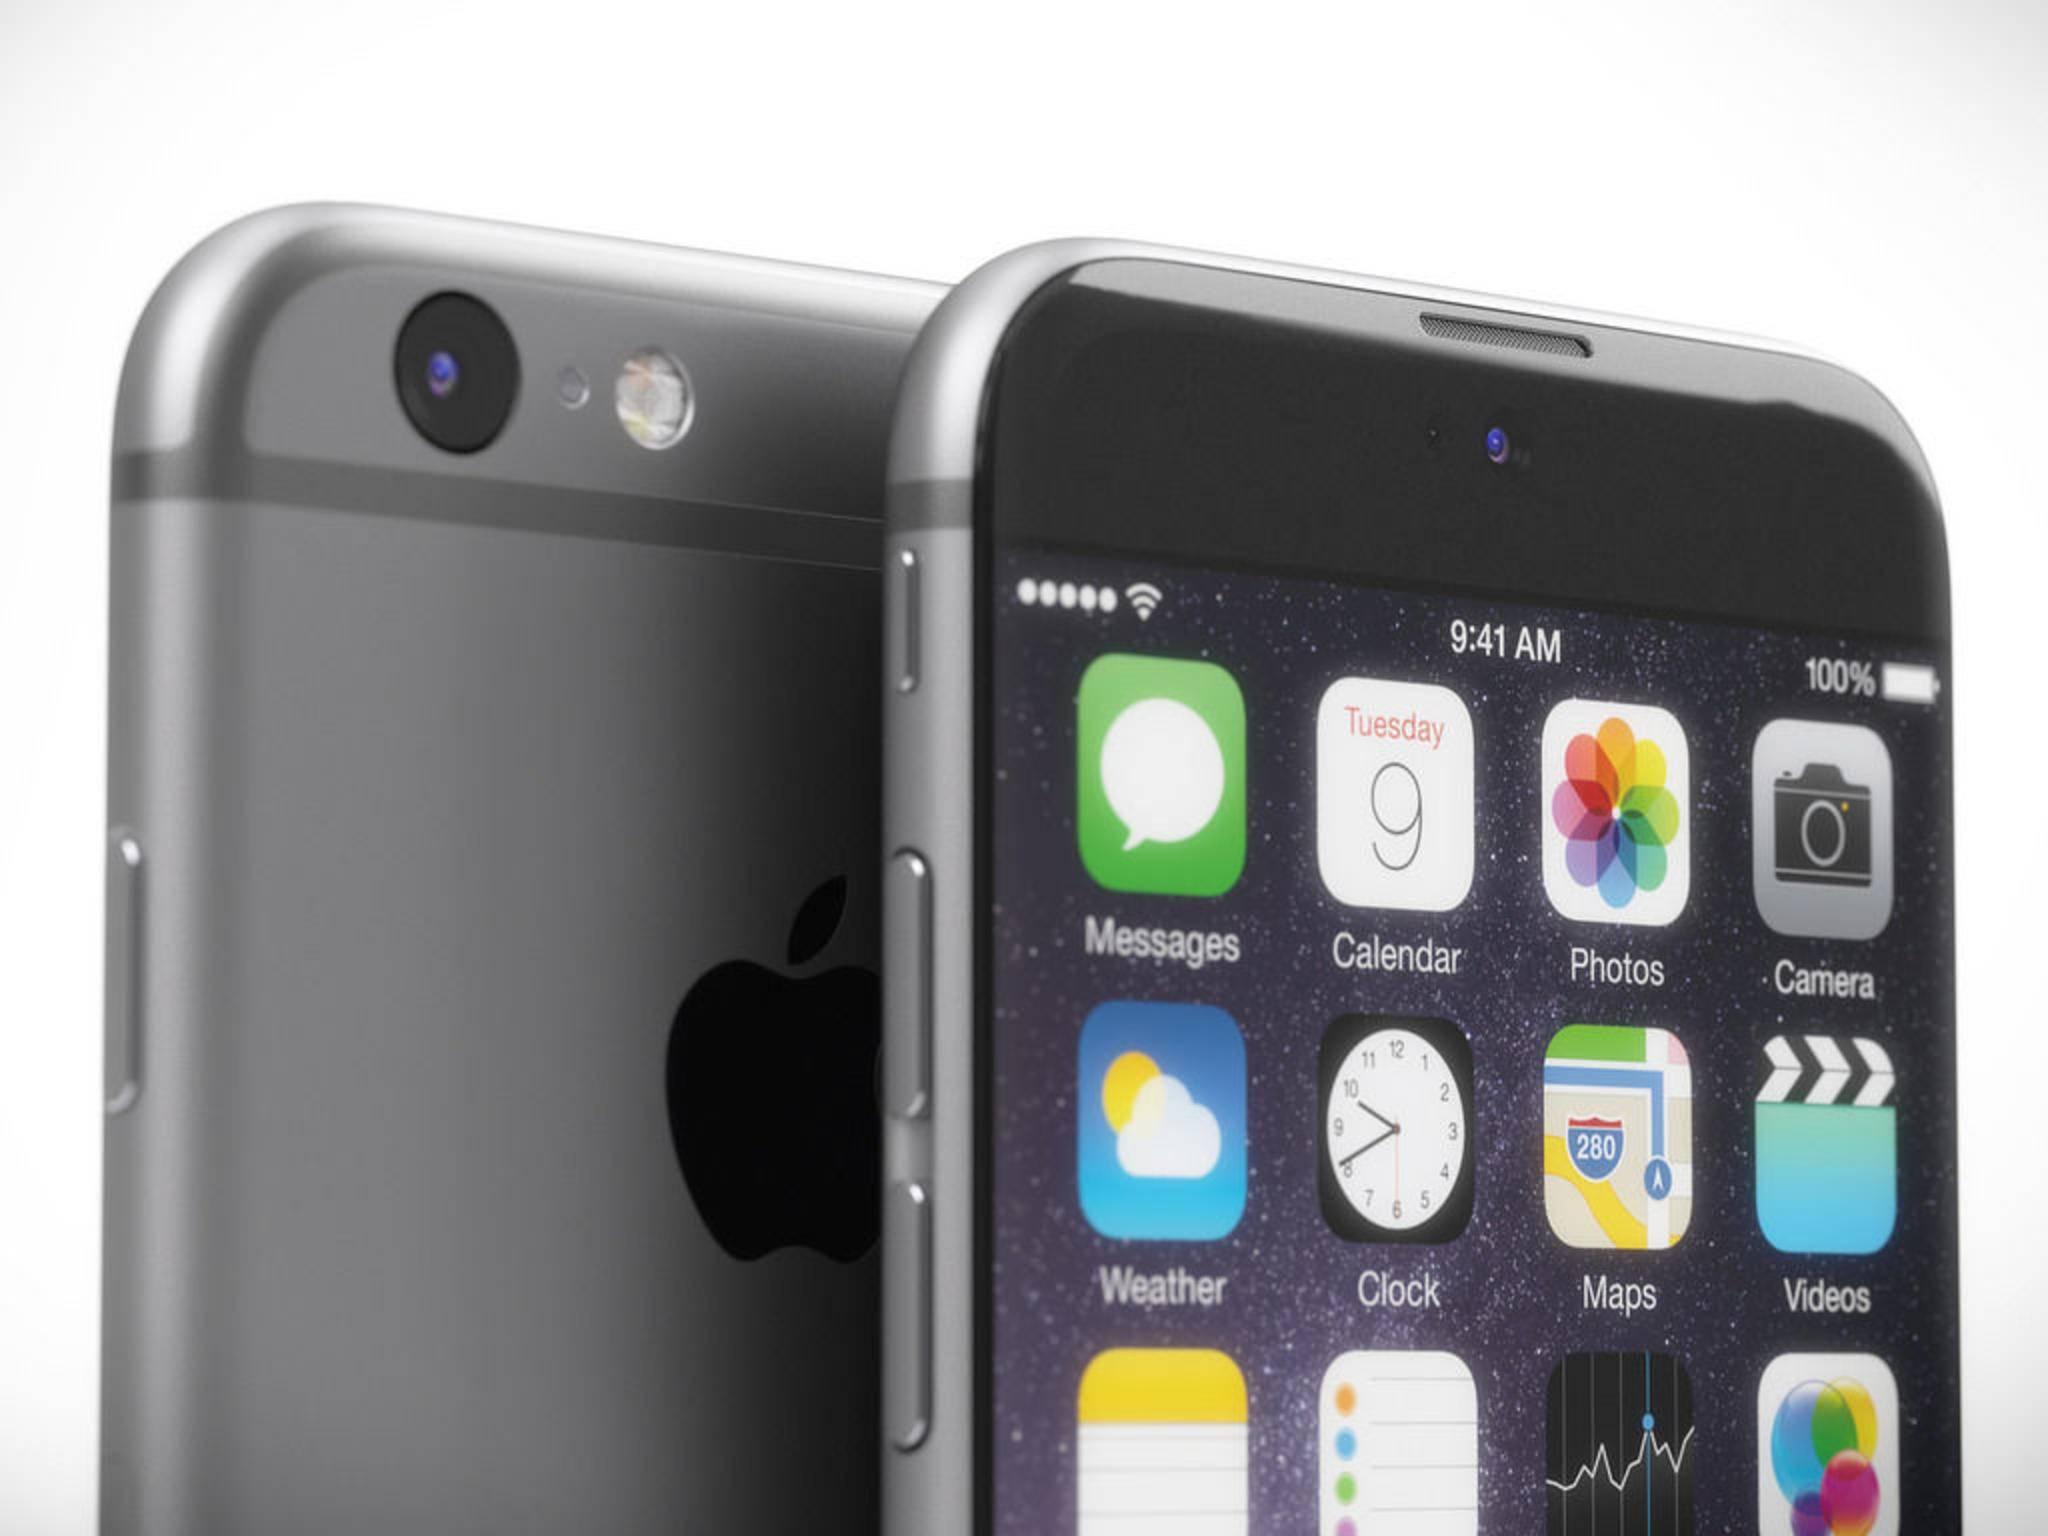 Das nächste iPhone wird wahrscheinlich im September 2015 vorgestellt.